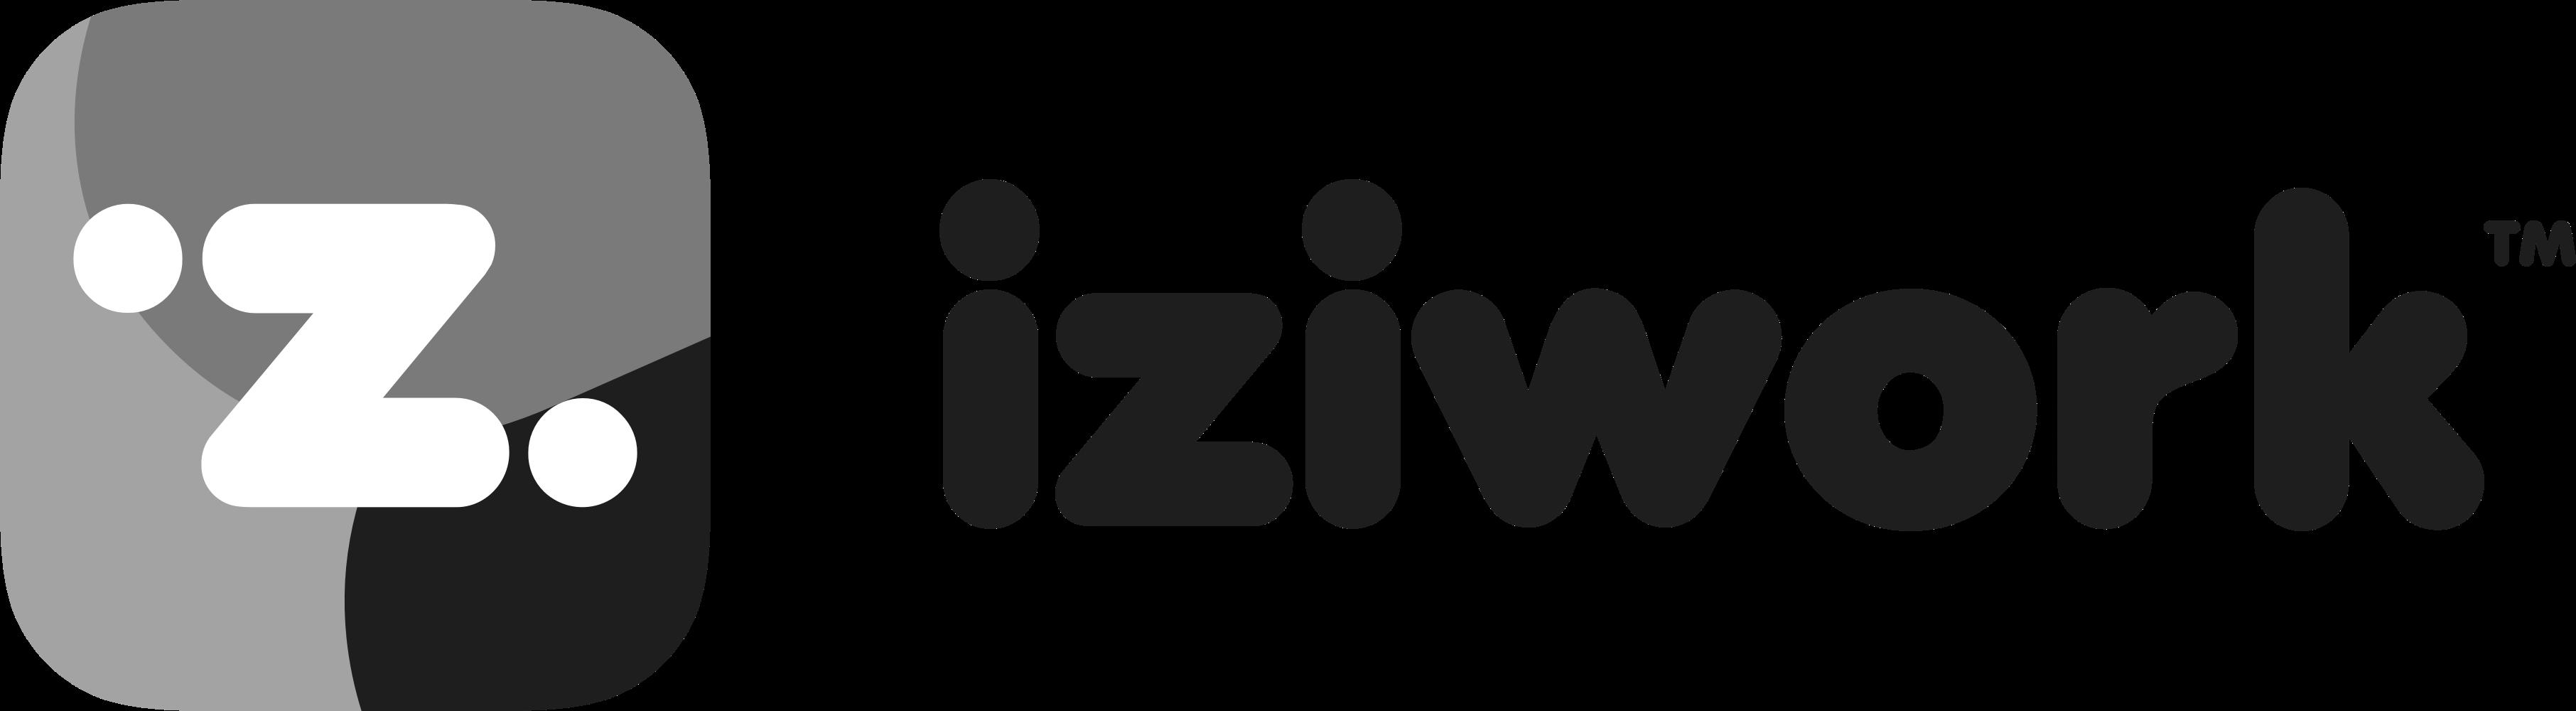 logo-iziwork